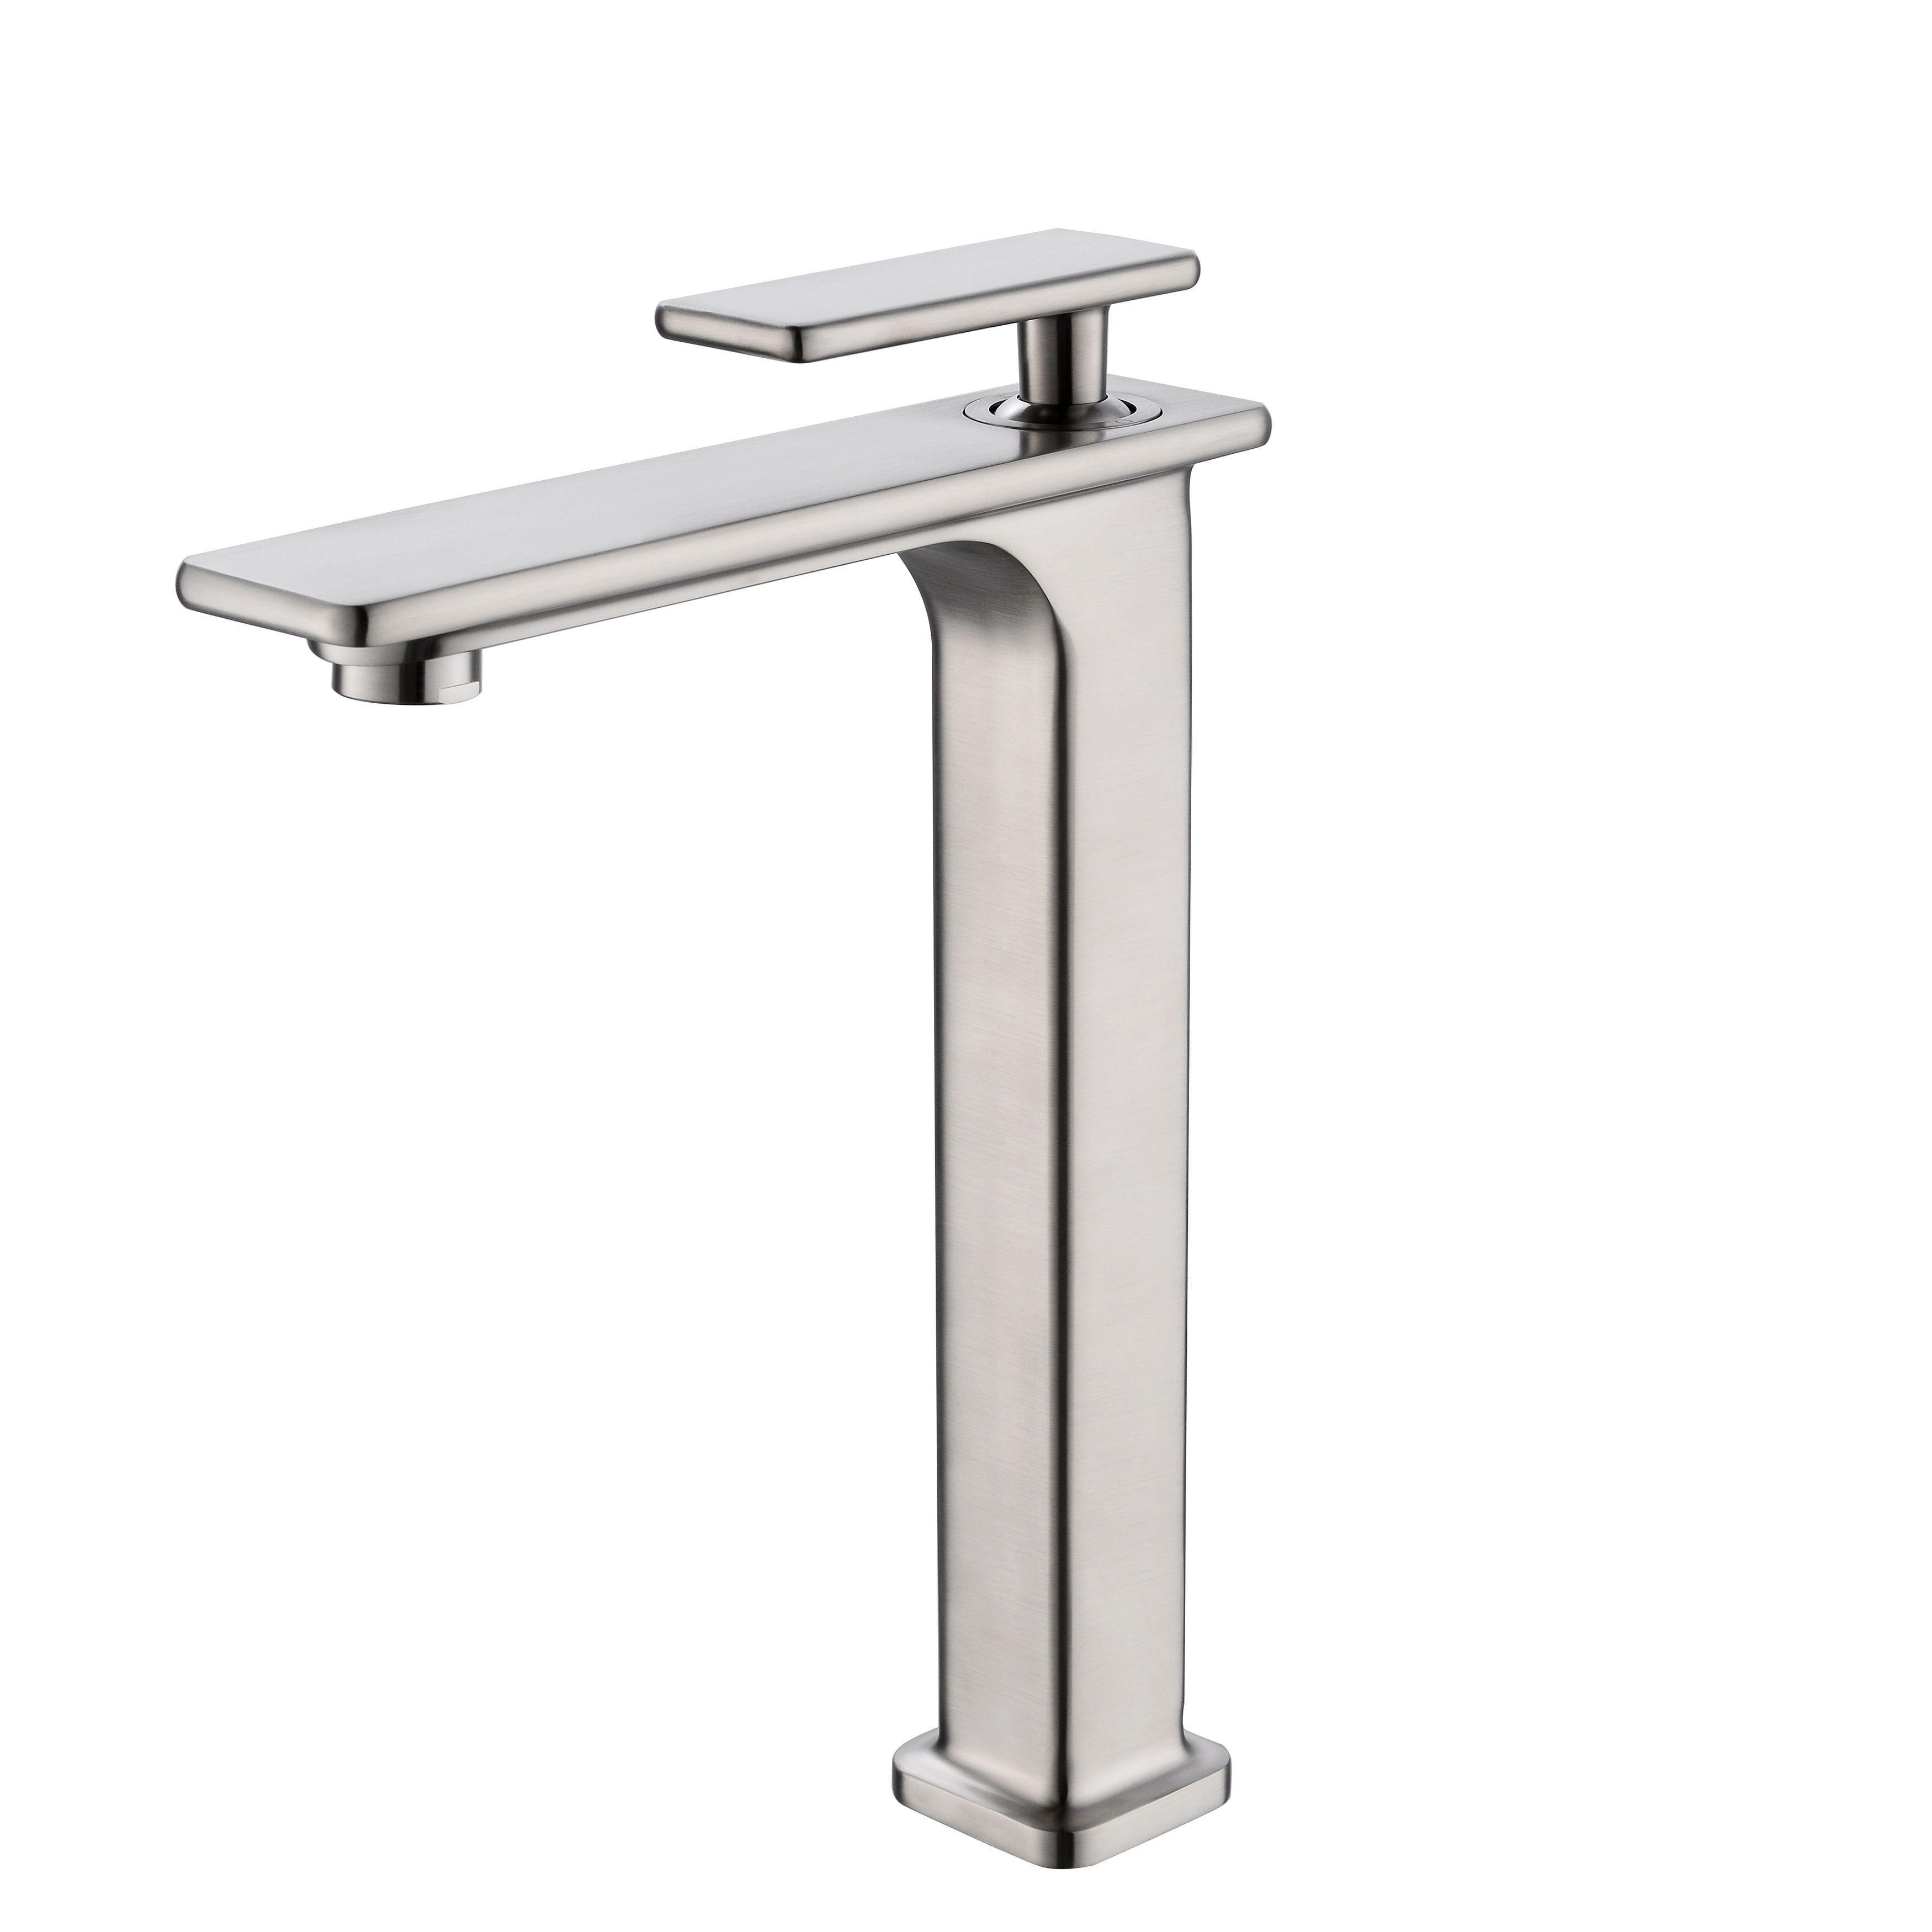 Vanity Art 12 Bathroom Vessel Sink Faucet Single Handle Single